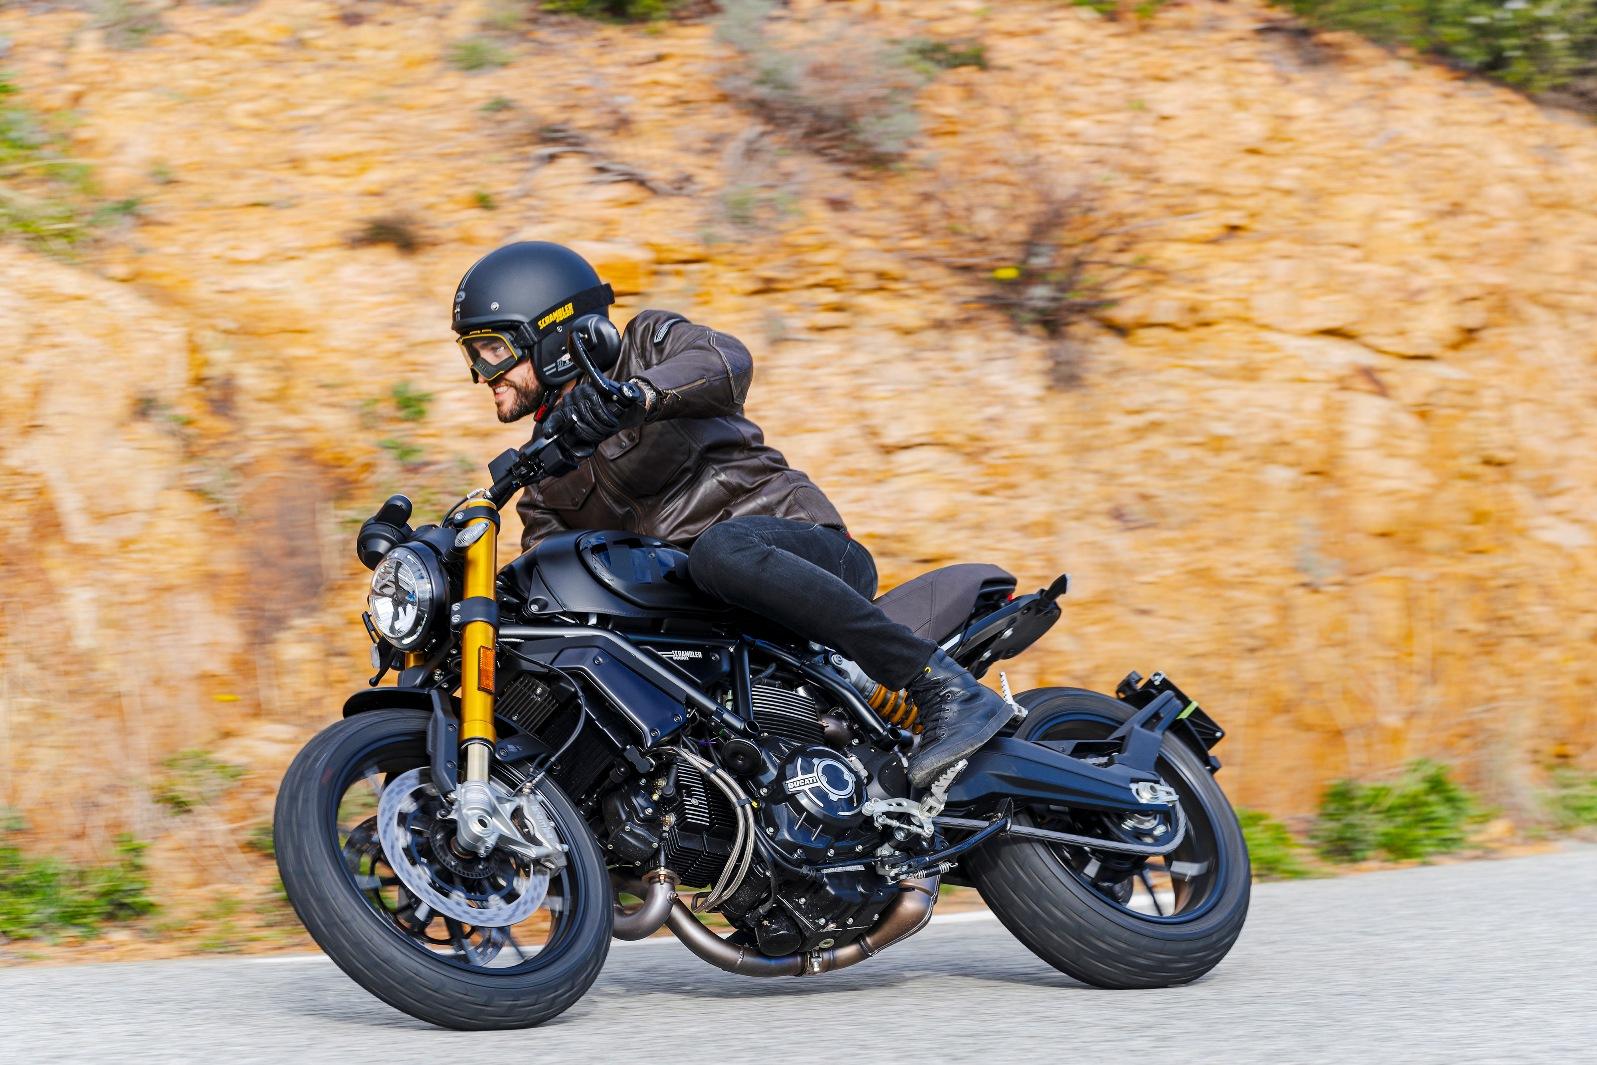 Ducati Scrambler 1100 Pro Y Scrambler 1100 Sport Pro (4)